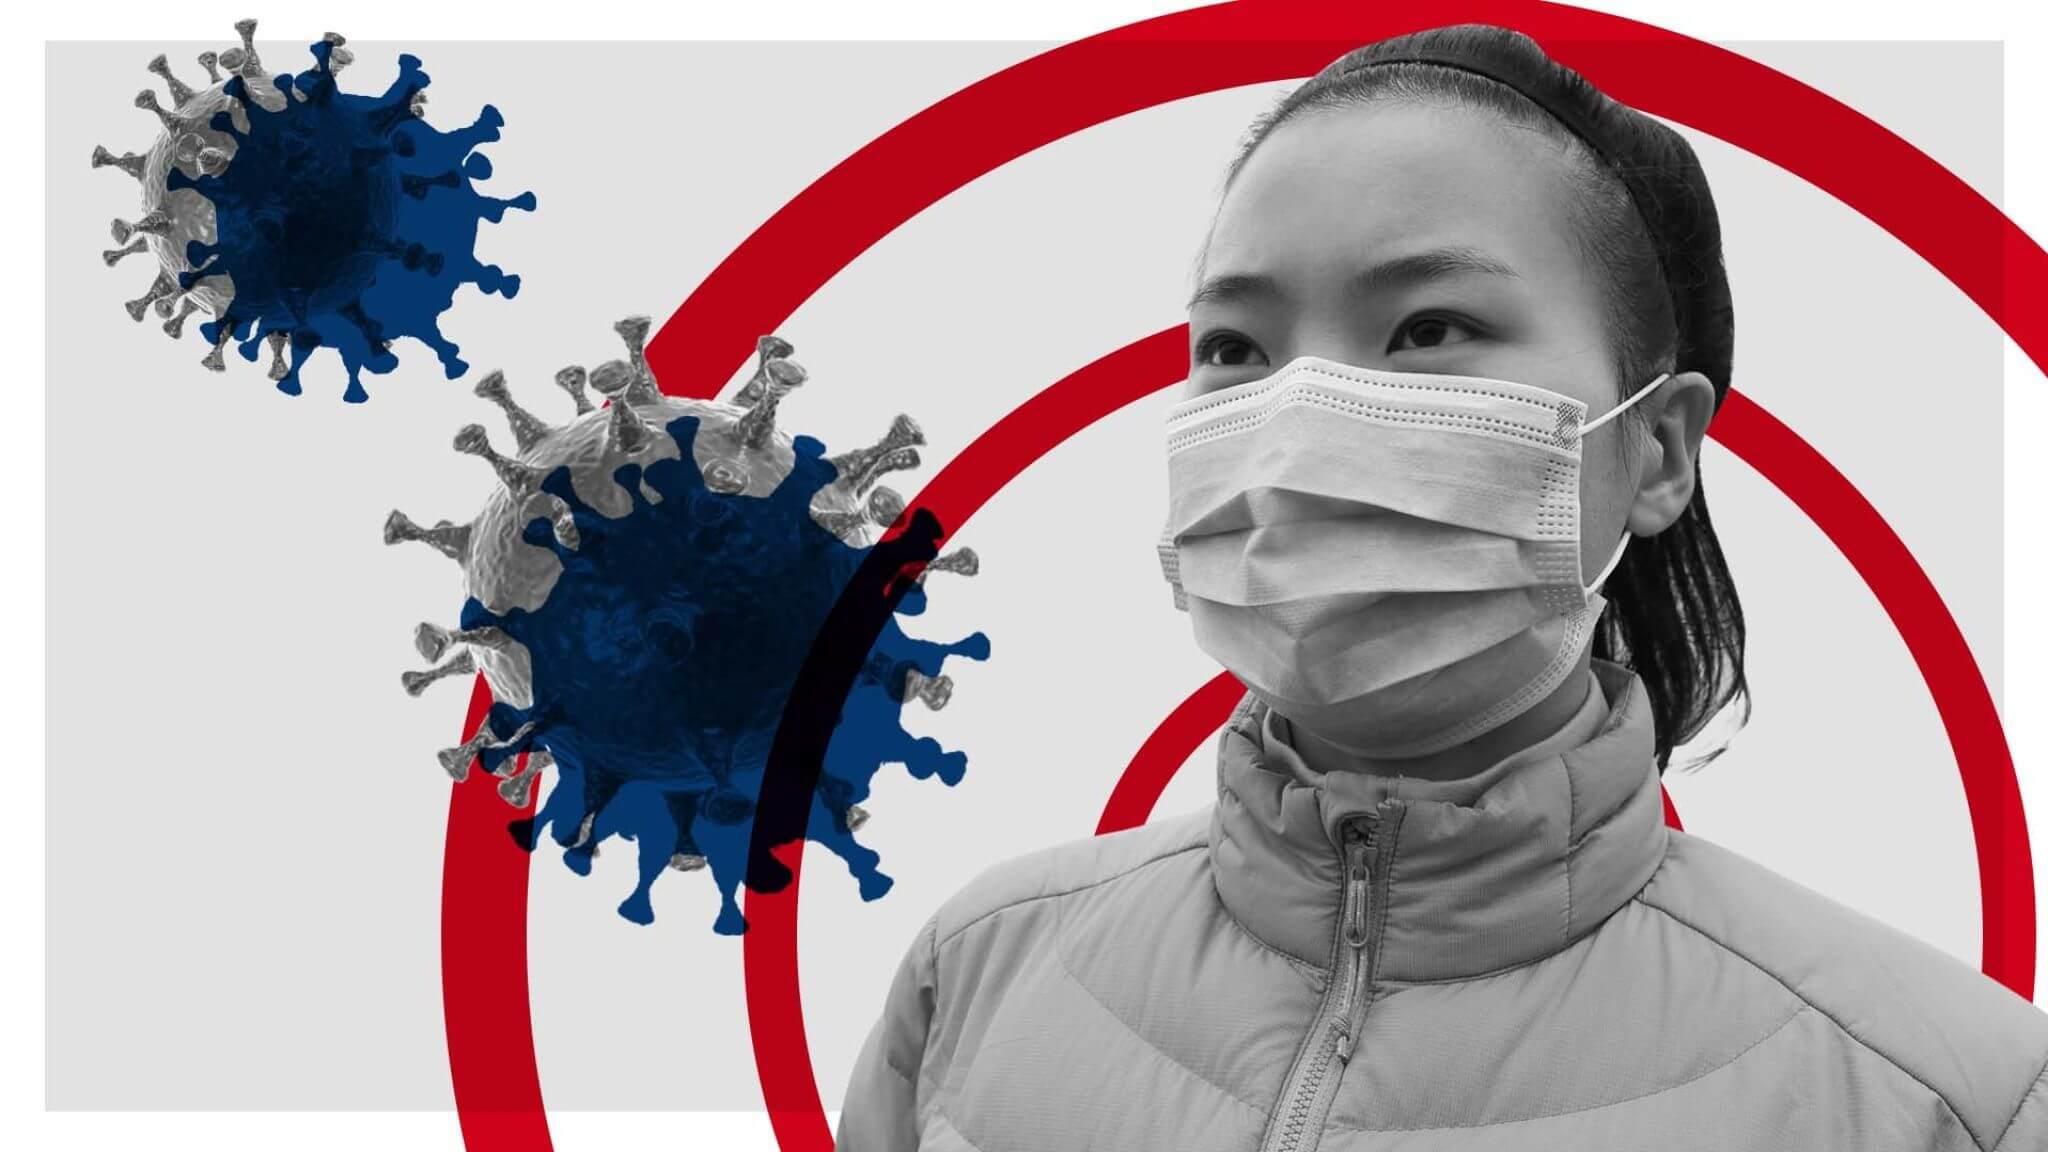 Сводка новостей о коронавирусе из Китая на сегодня, 6 марта 2020 года